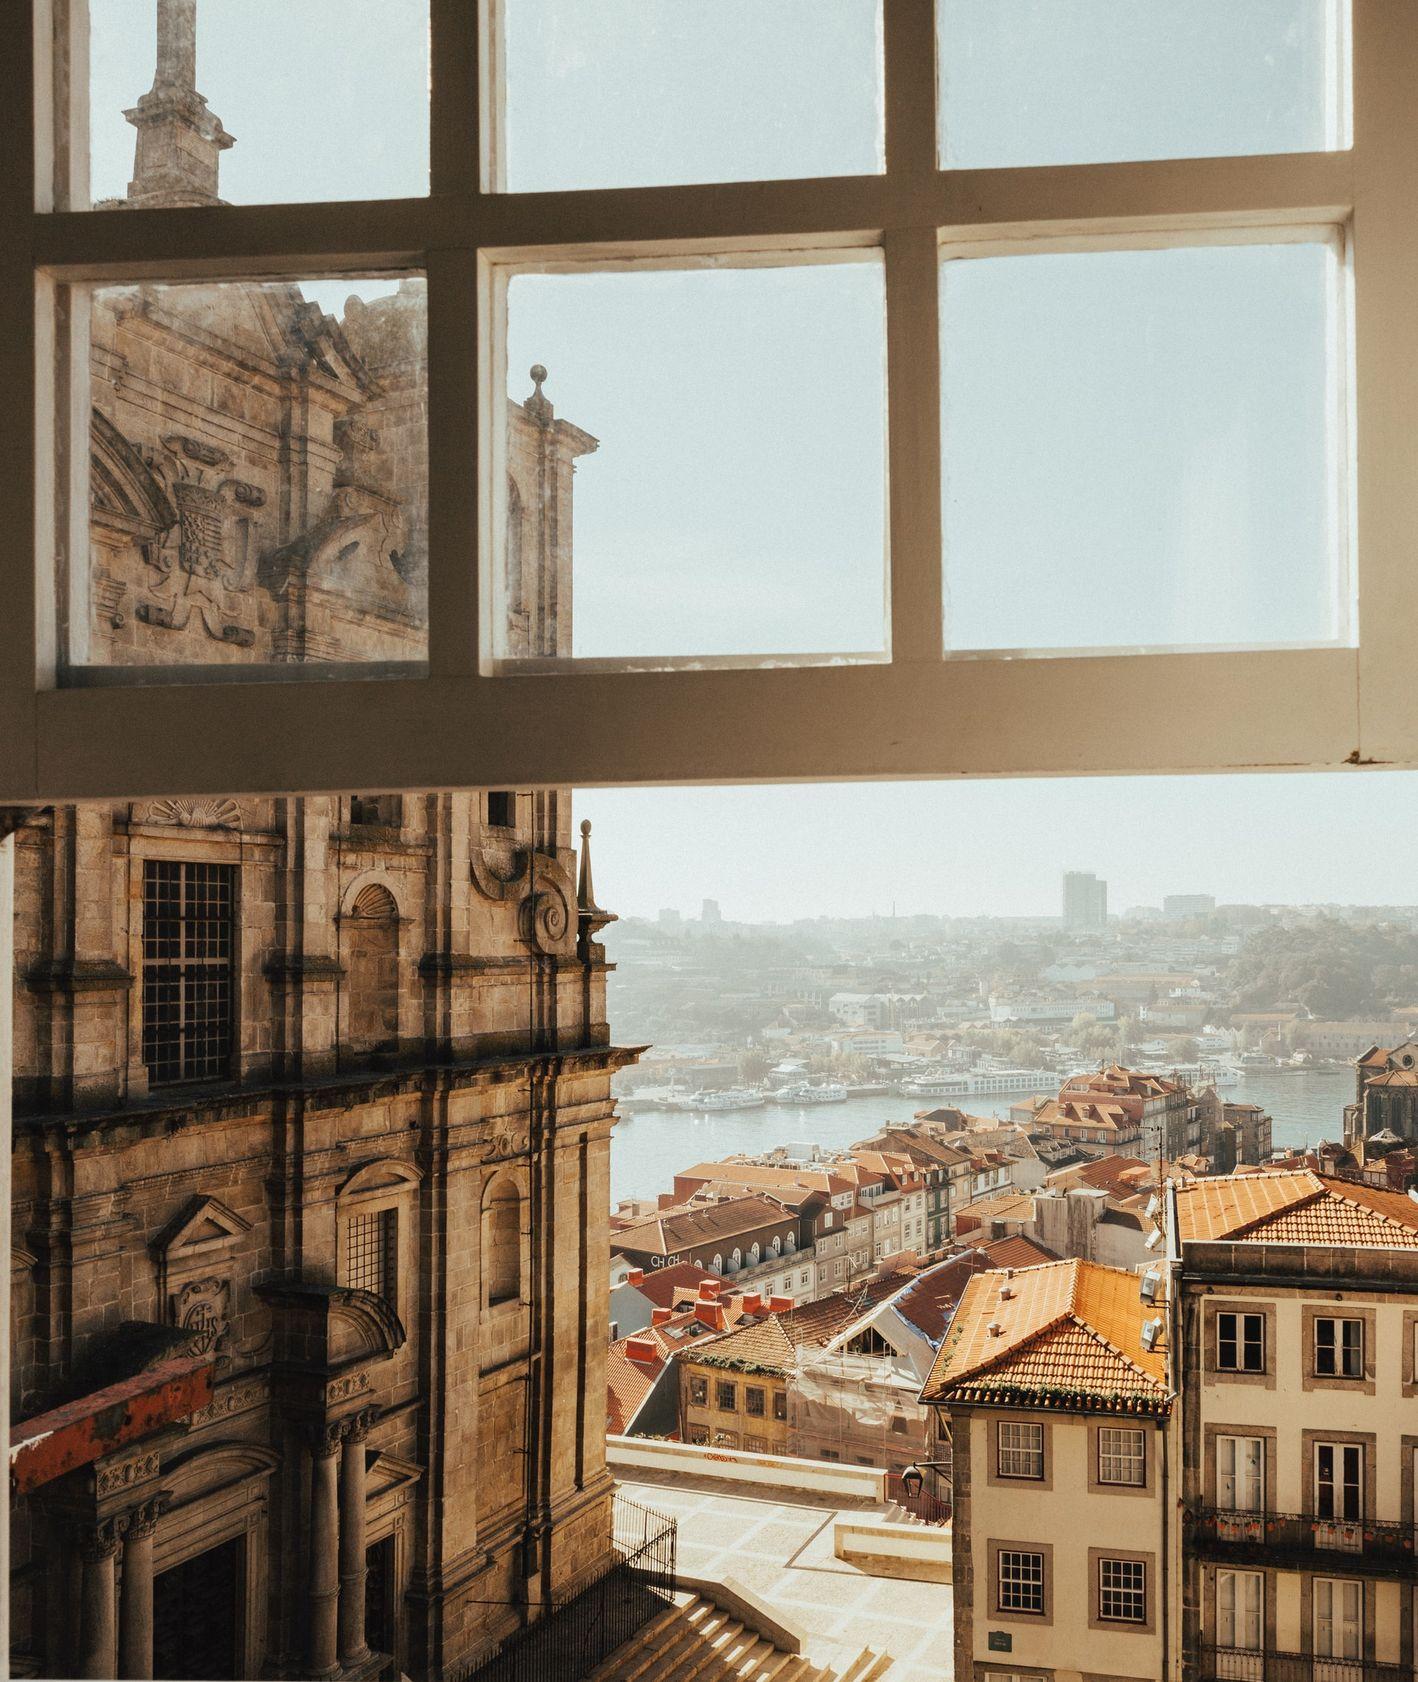 Porto (fot. unslplash)